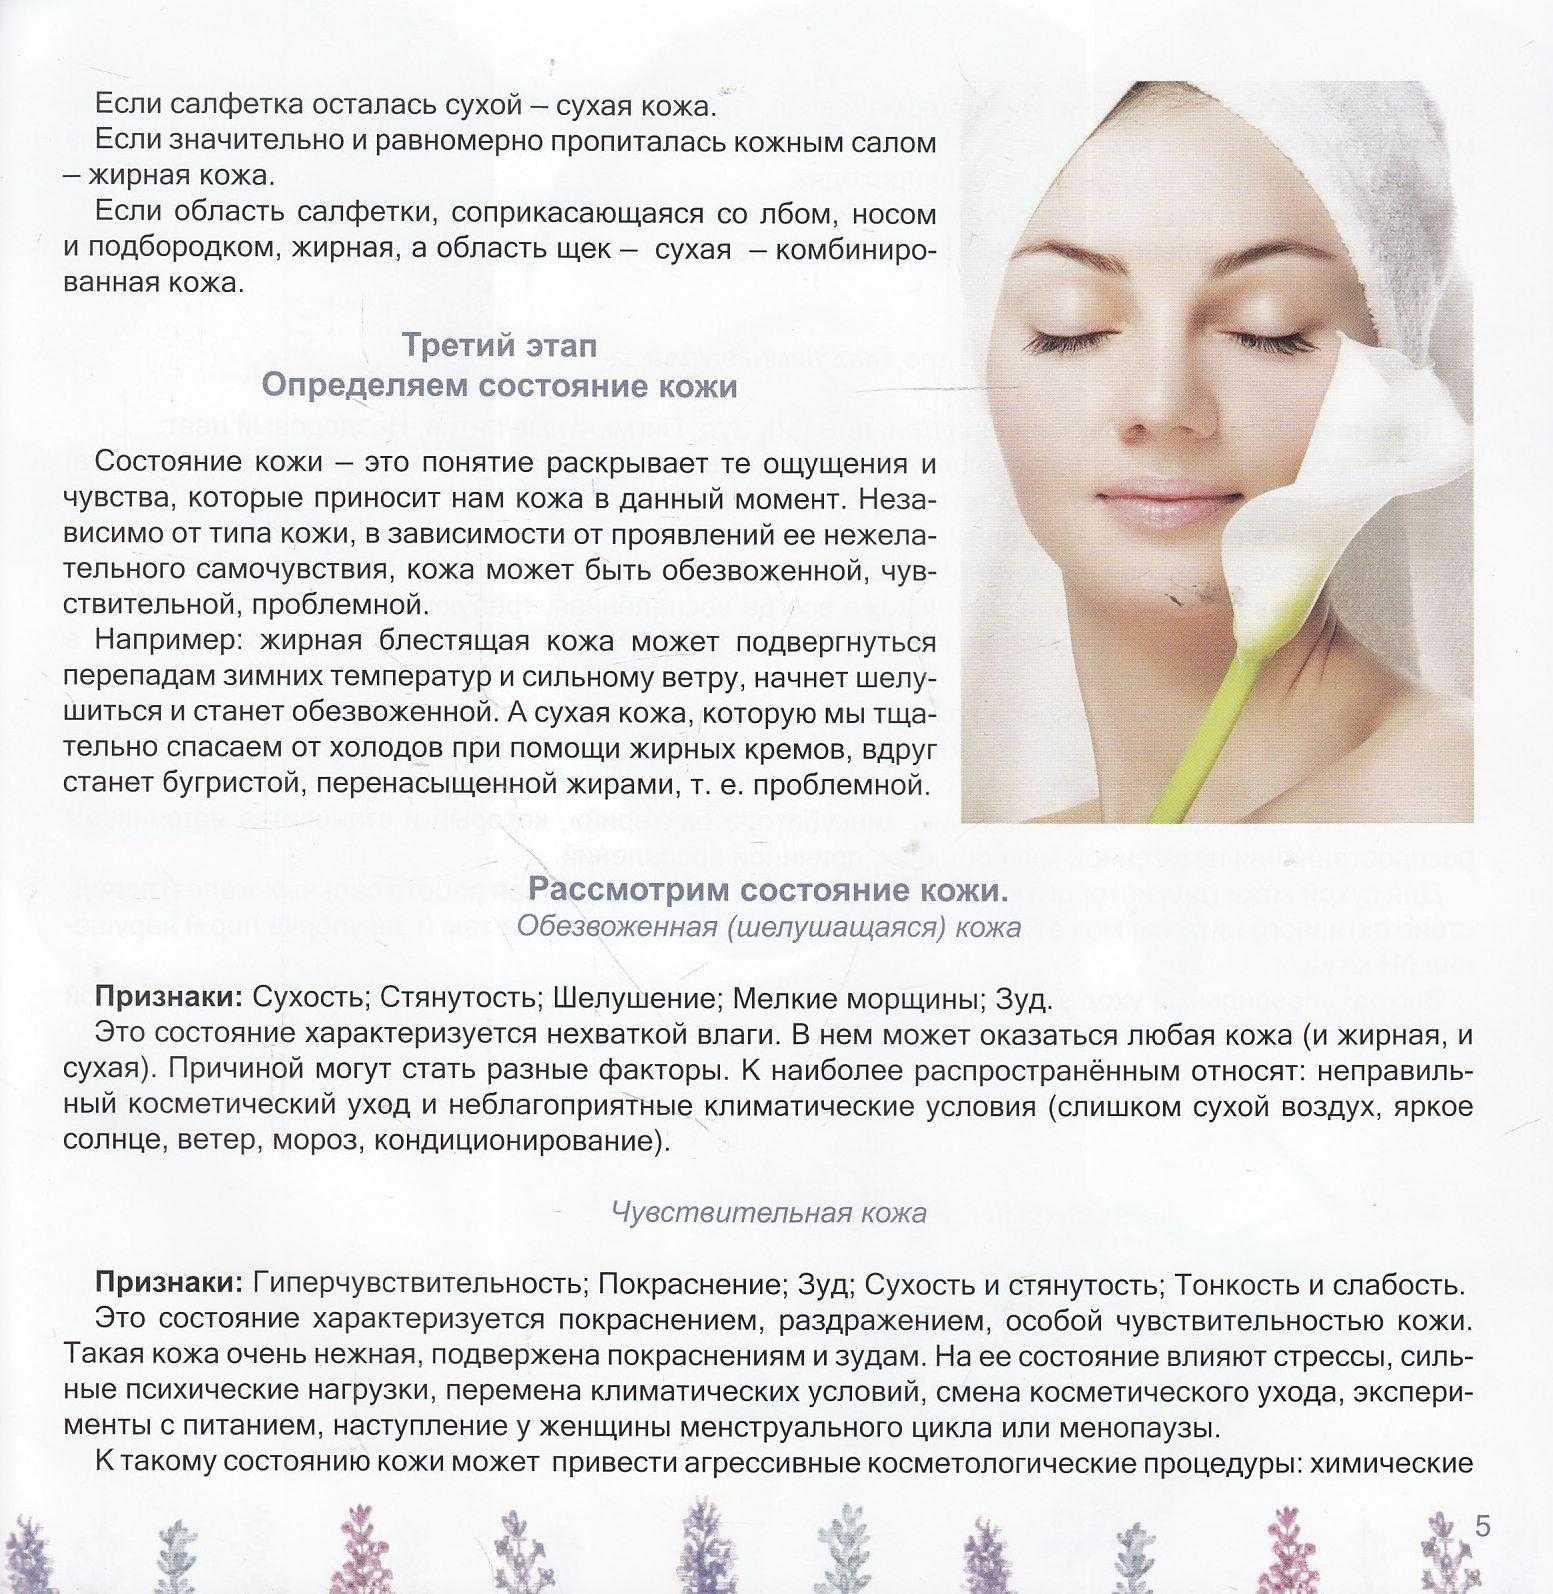 Уход за кожей лица зимой в первую очередь направлен на ее защиту от ветра, холода и пониженной влажности в отапливаемых помещениях